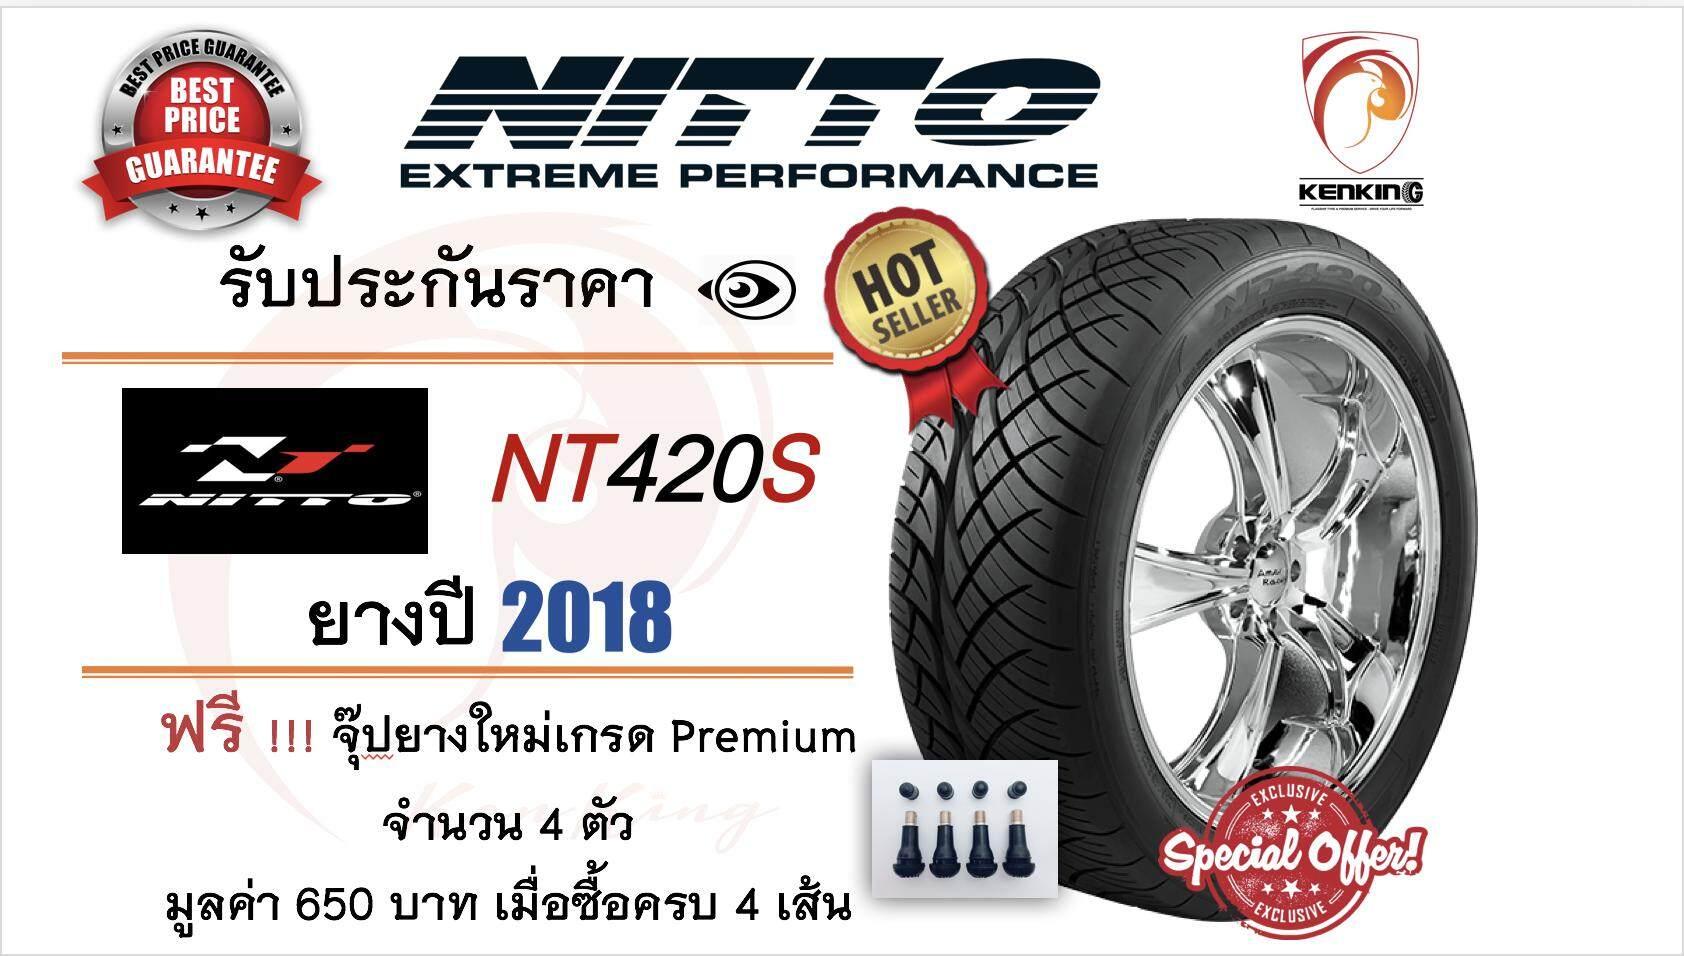 ประกันภัย รถยนต์ 3 พลัส ราคา ถูก ภูเก็ต Nitto นิโต๊ะ 265/50 R20 NEW!! 2018 รุ่น 420S (Best Price Super Deal!!!) จำนวน 1 เส้น